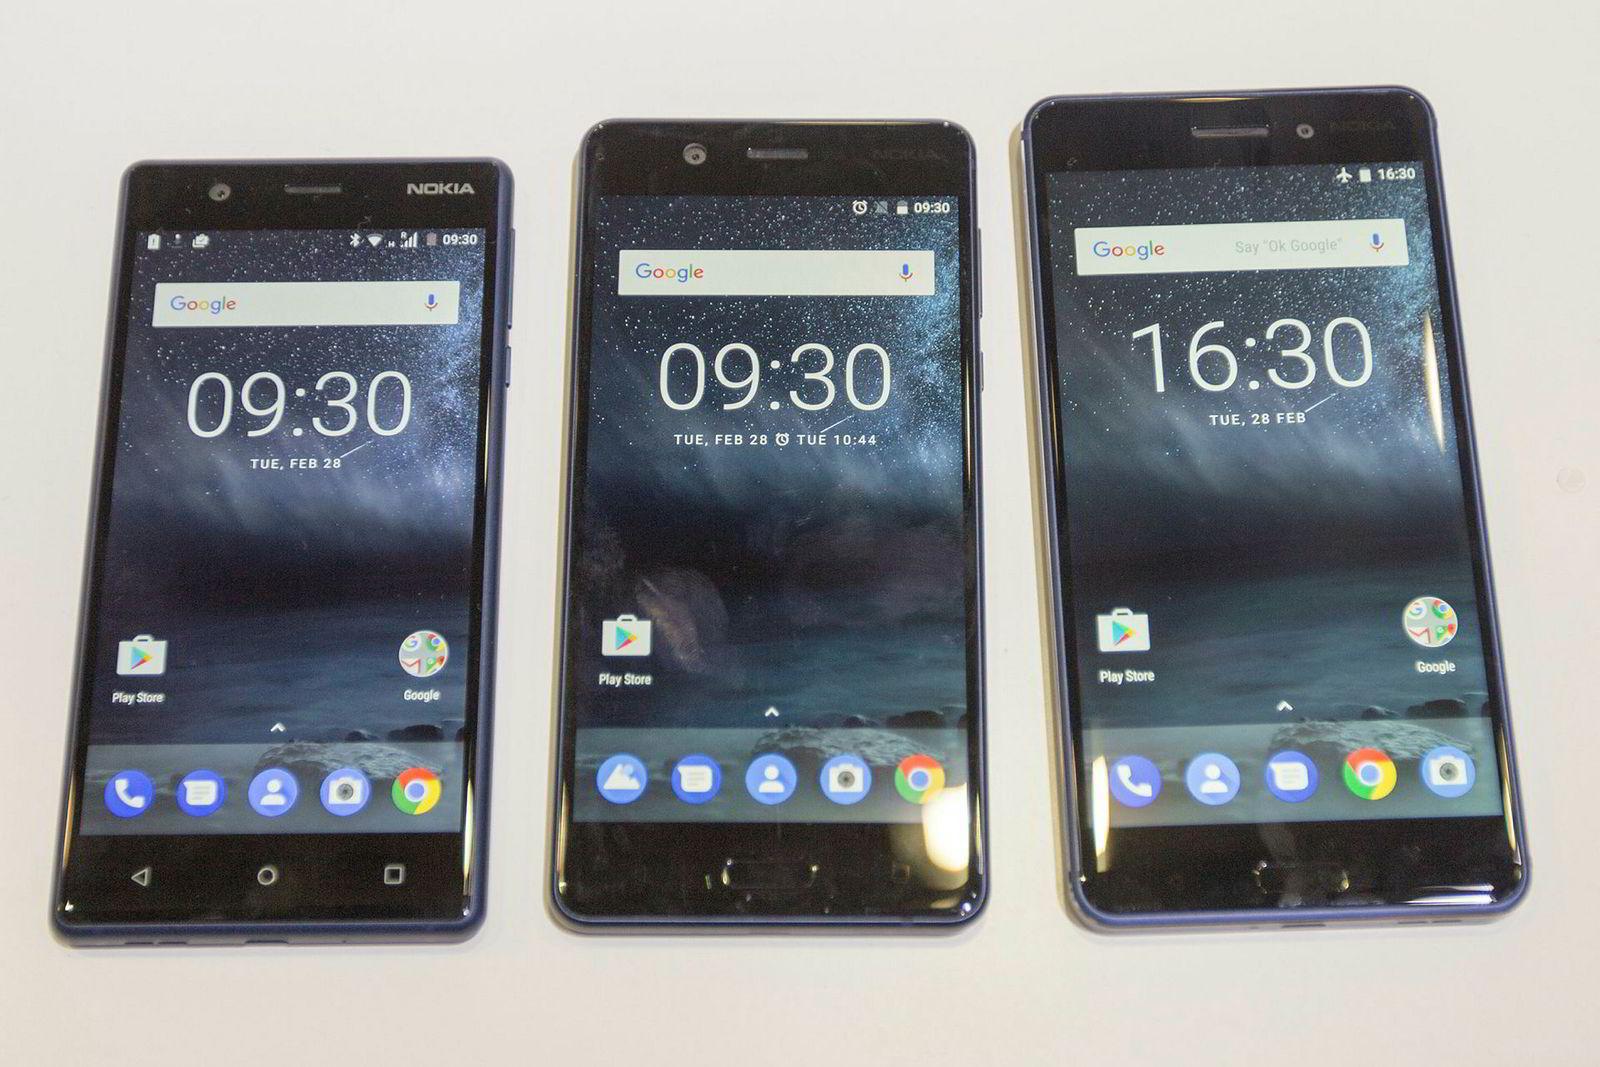 Nokia 3, Nokia 5 og Nokia 6. Nokias nye telefoner er rimelige, men skal holde høy kvalitet og ha markedsledende kamera, ifølge Nokia selv. Tiden vil vise om de klarer seg denne gangen.